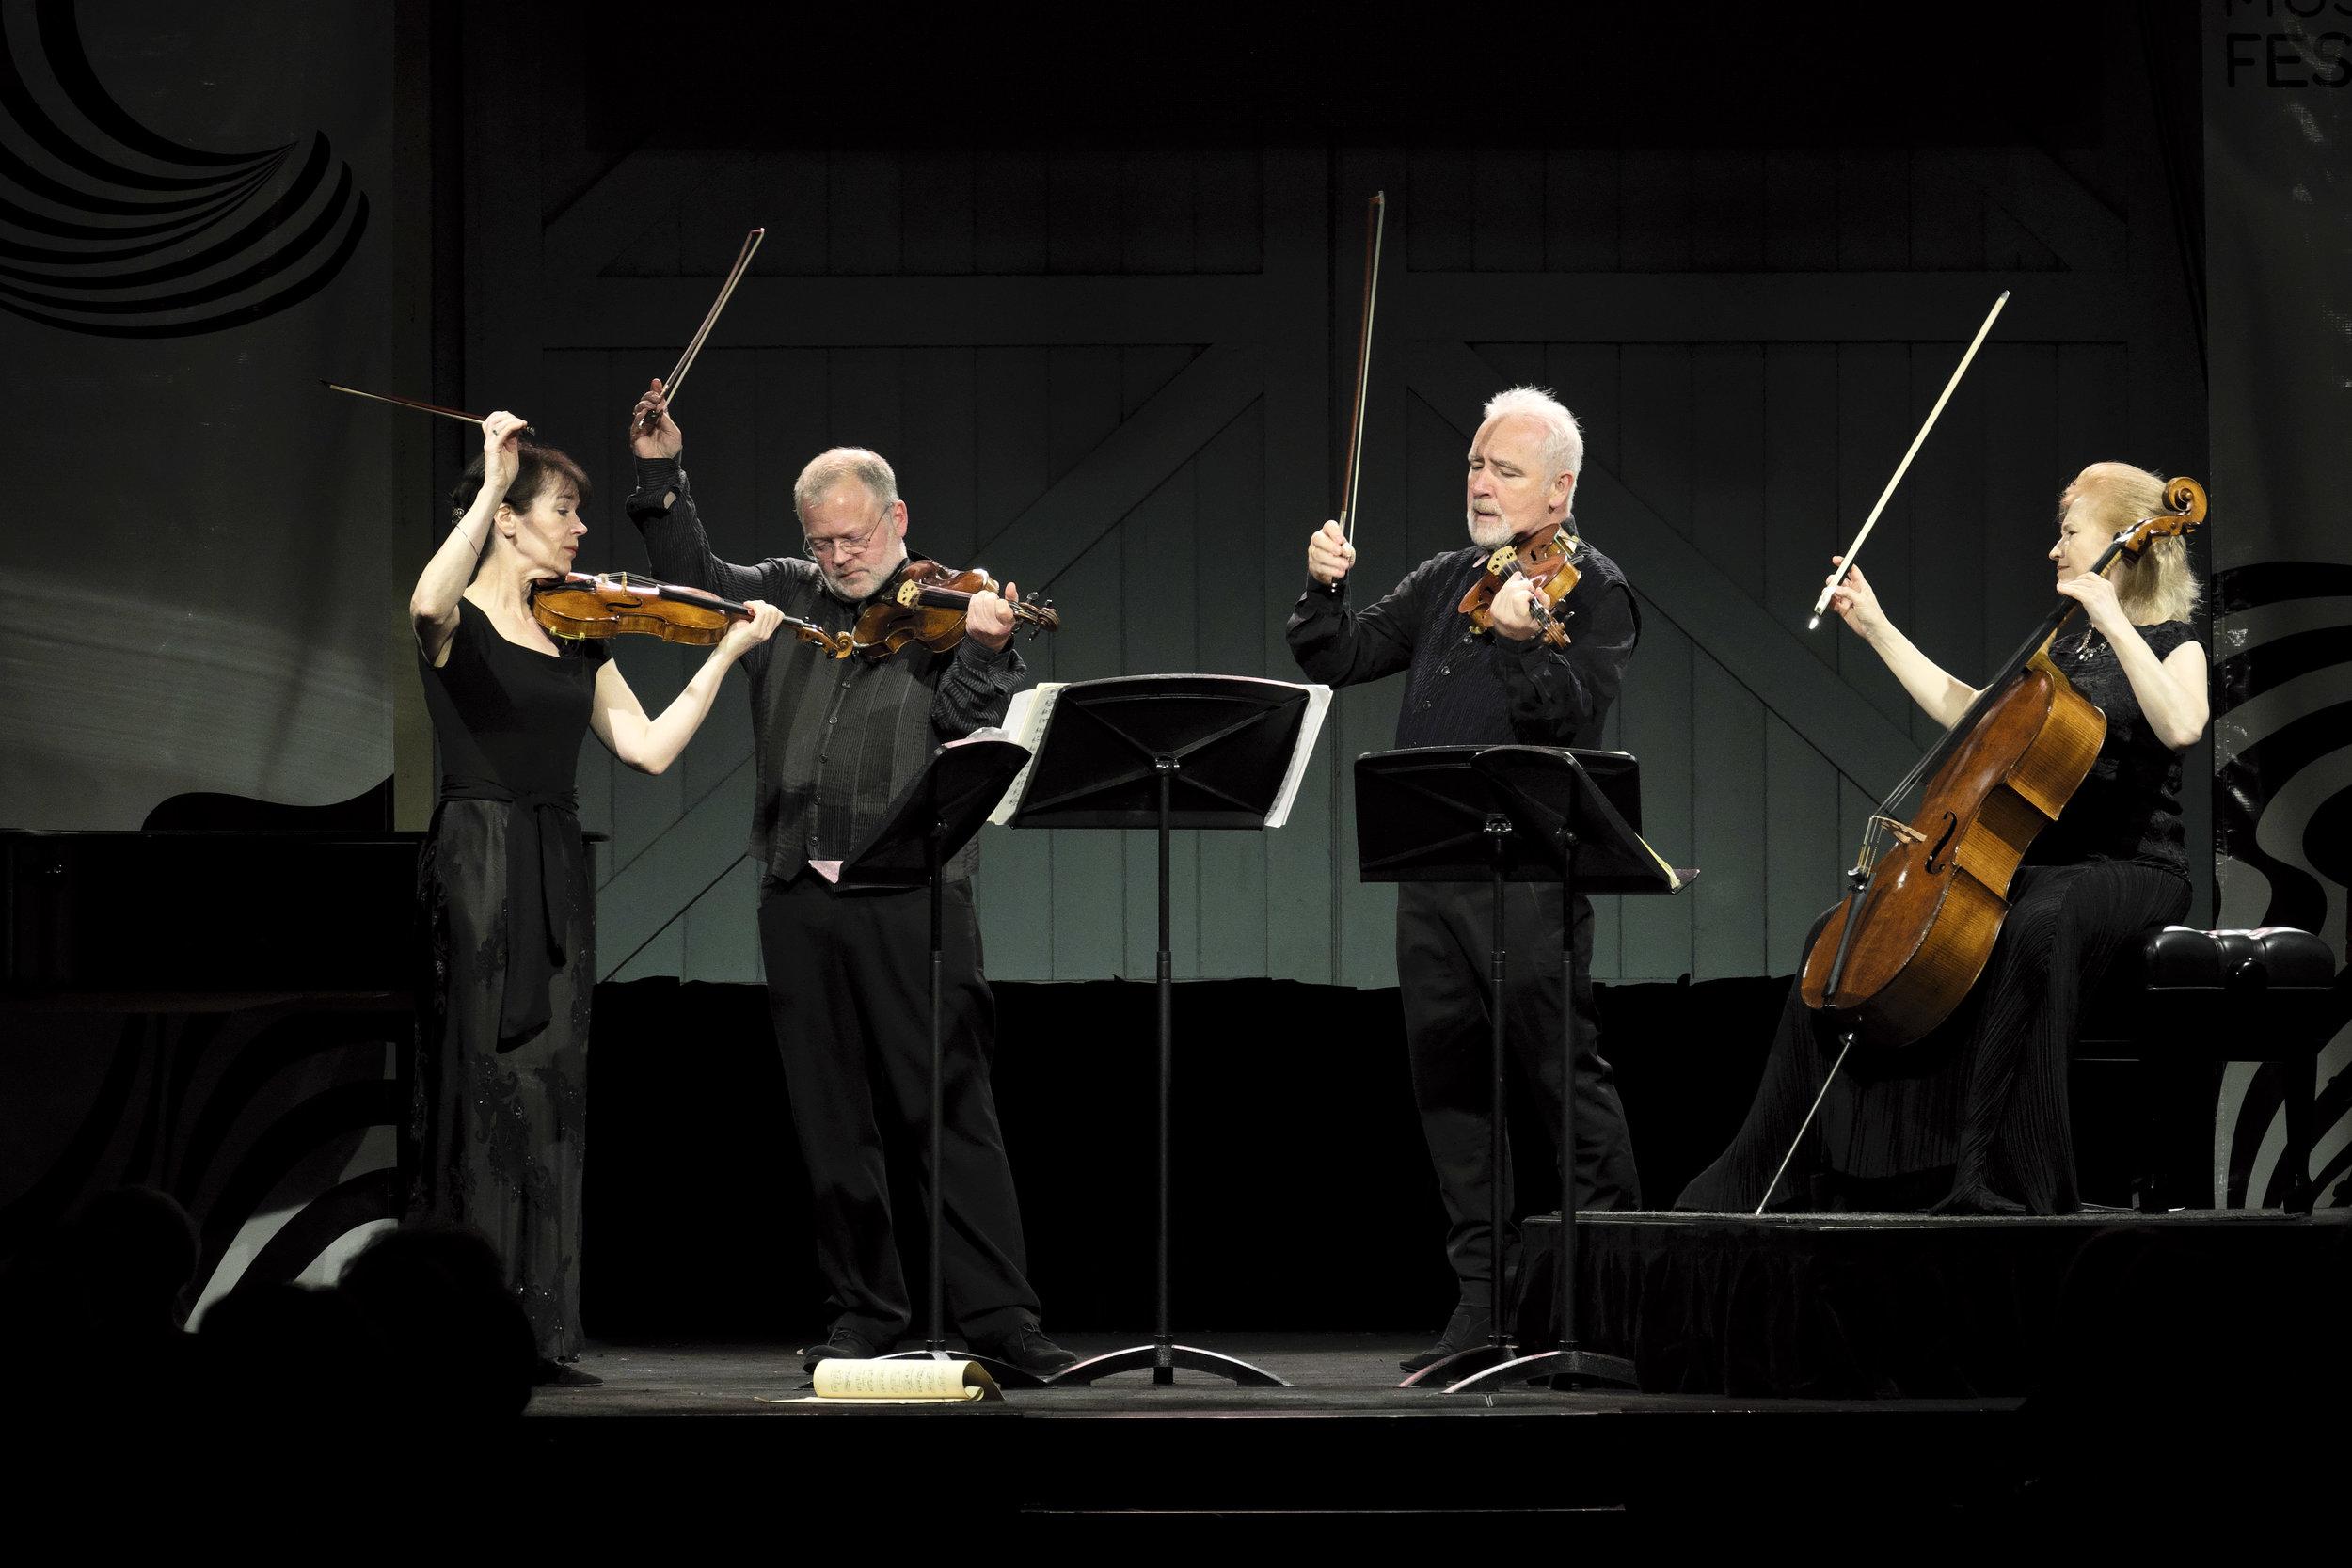 THE BRODSKY QUARTET (UK)   Concert 15: Brodsky Quartet  Photo by Peter Hislop